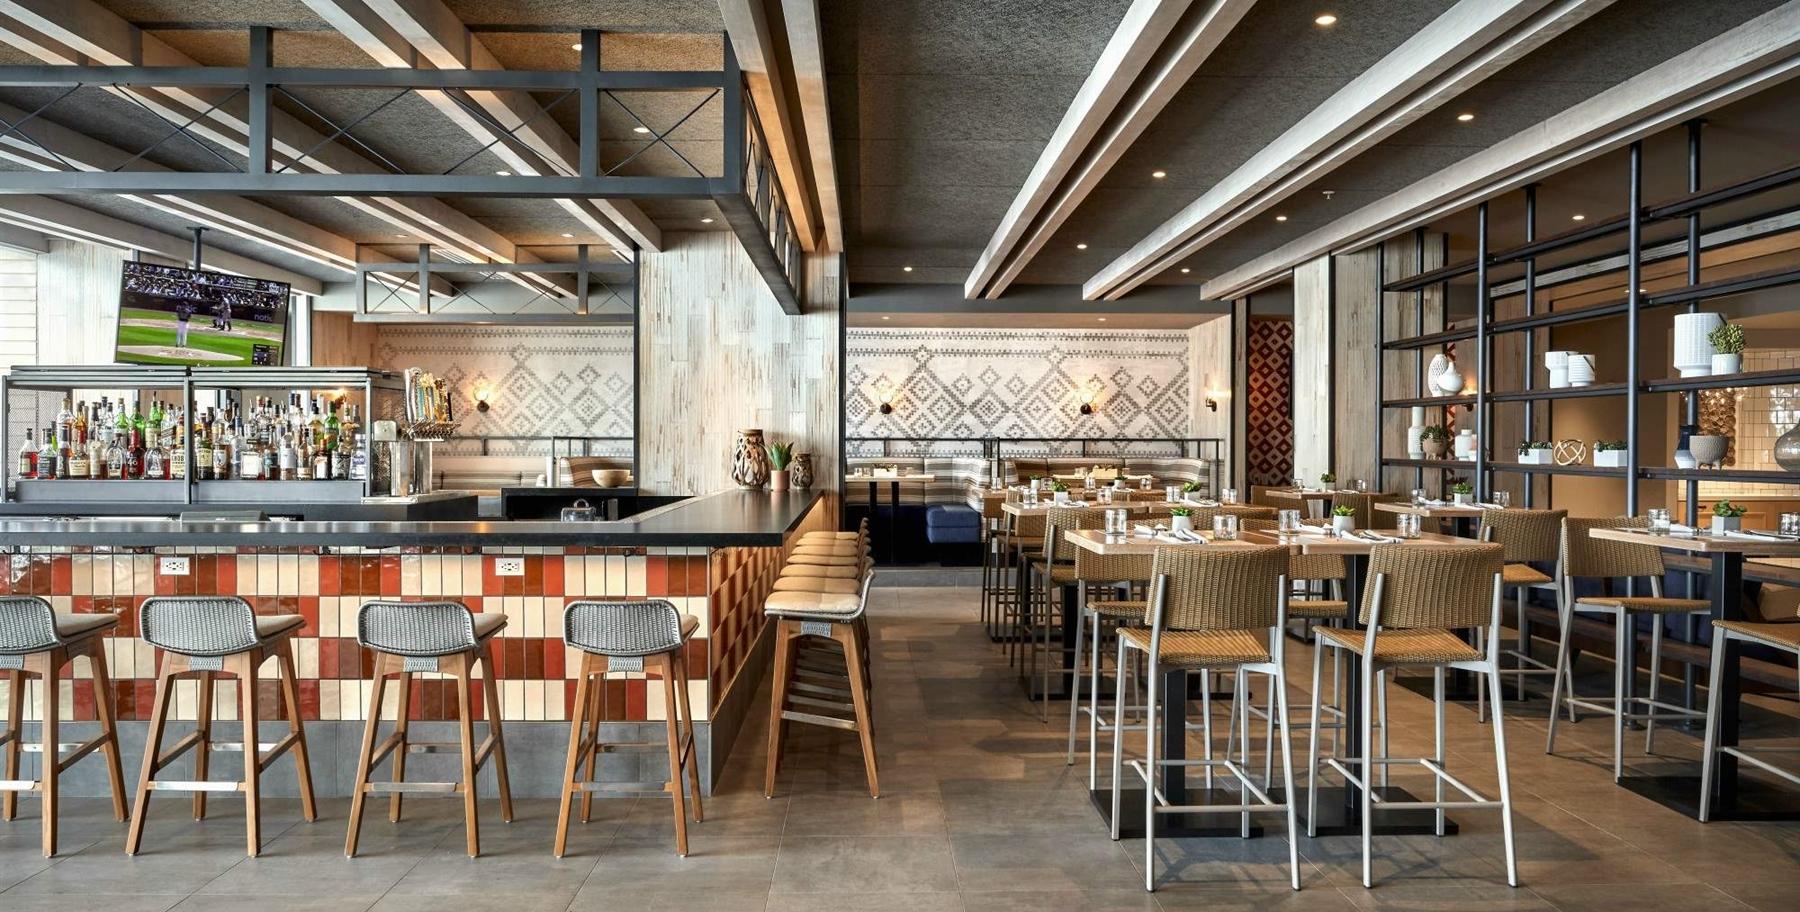 ALBACA interior bar in dining room